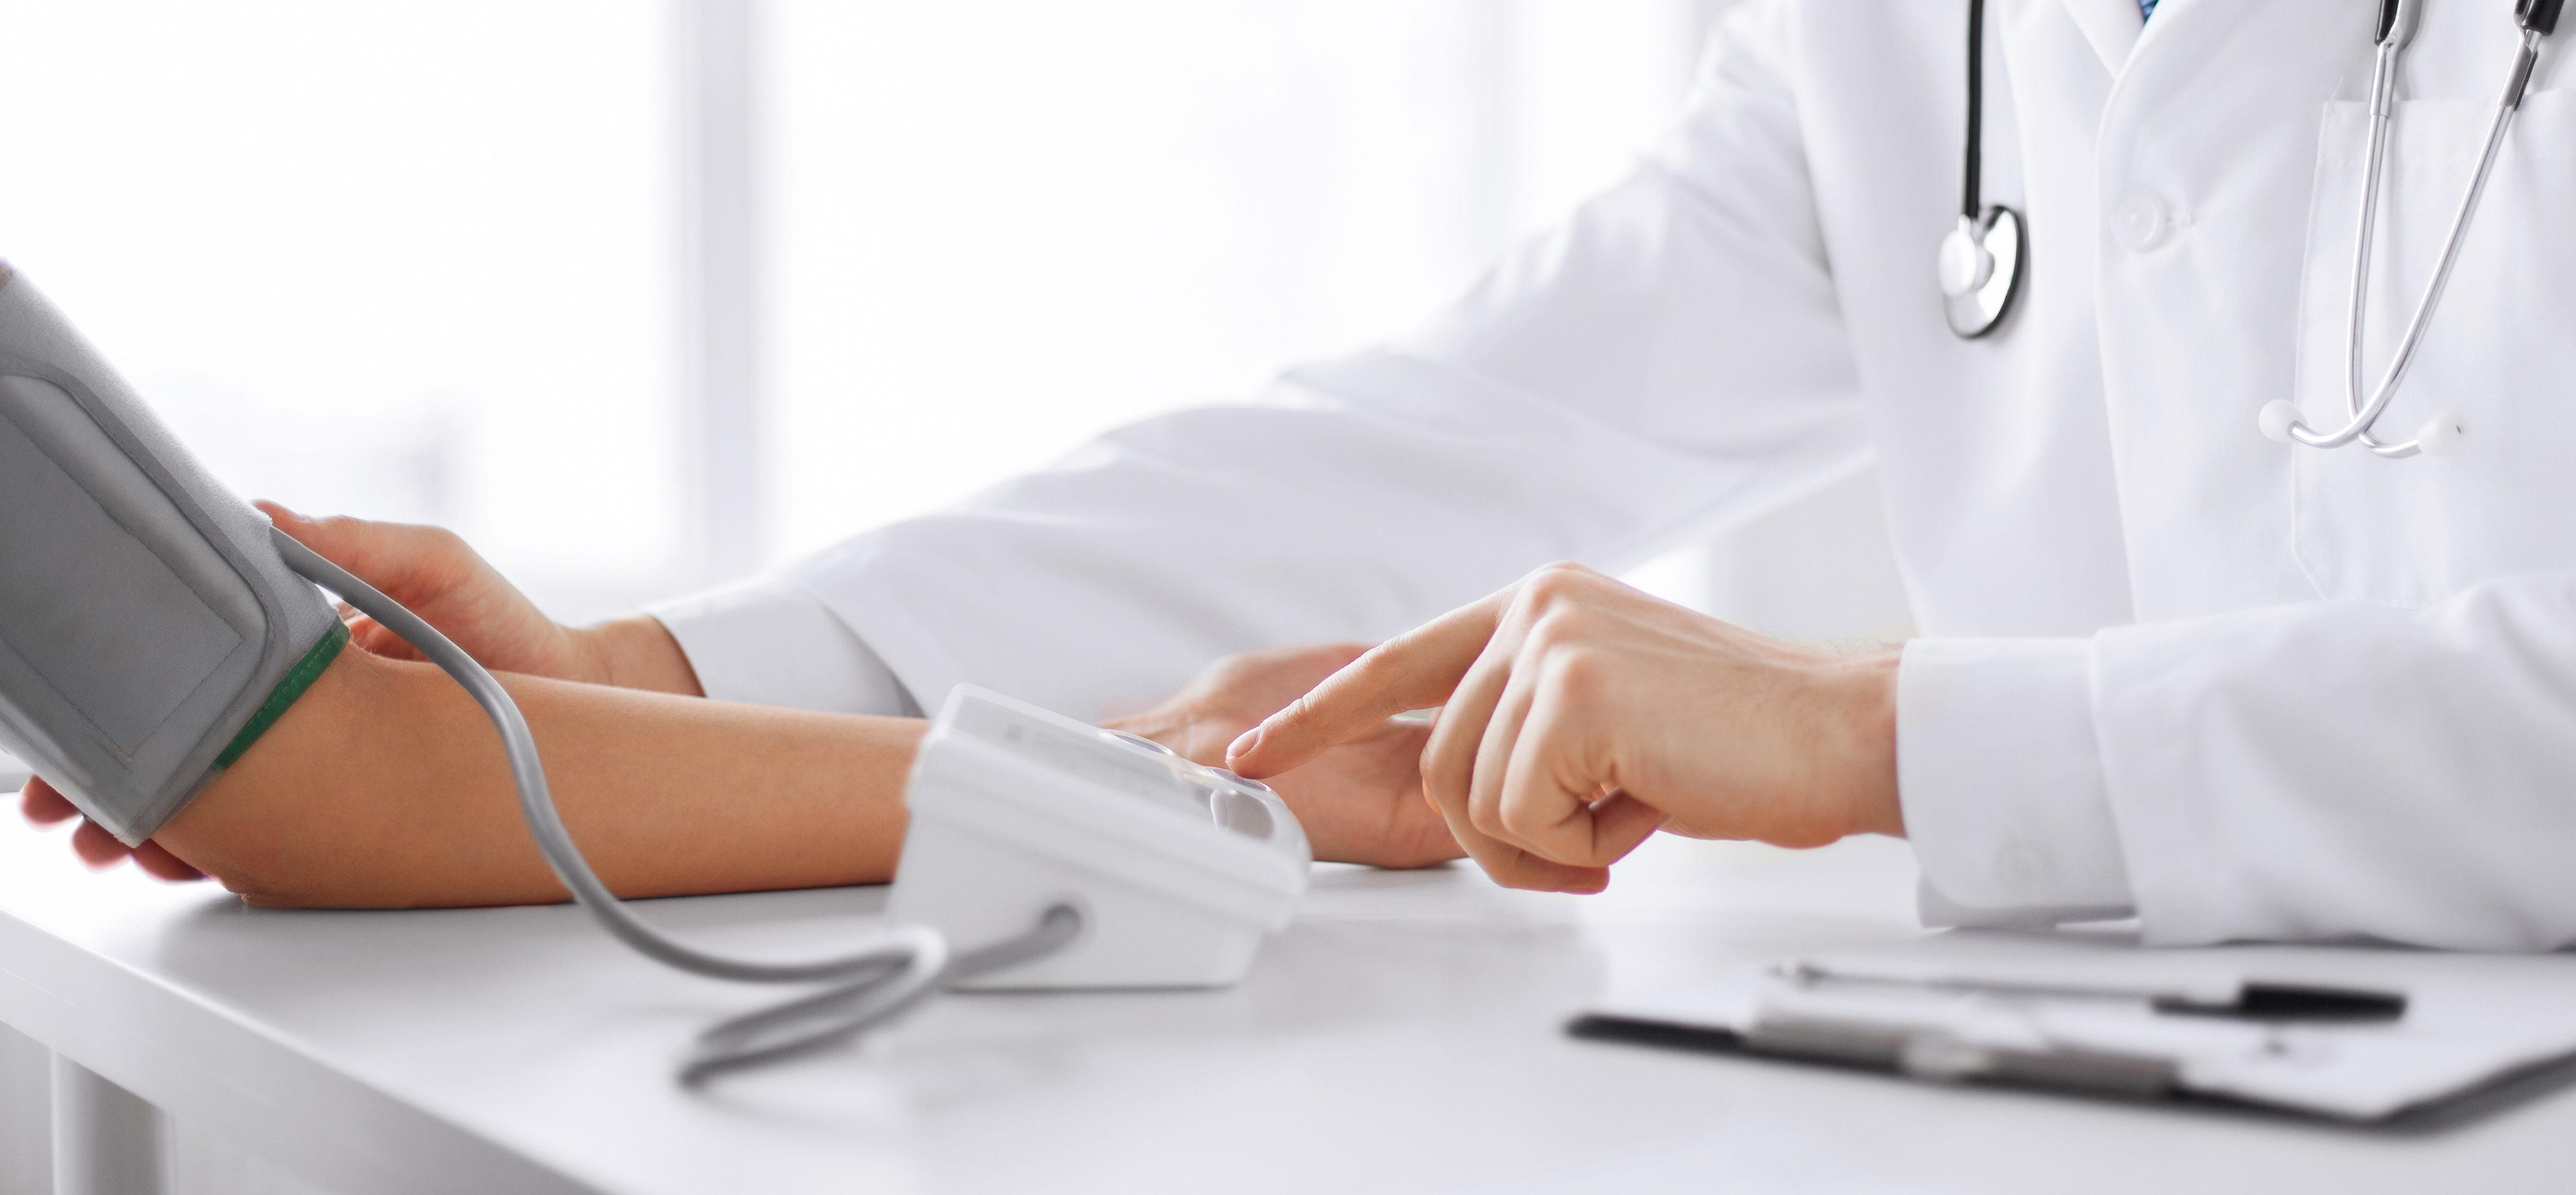 врач измеряет давление пациенту